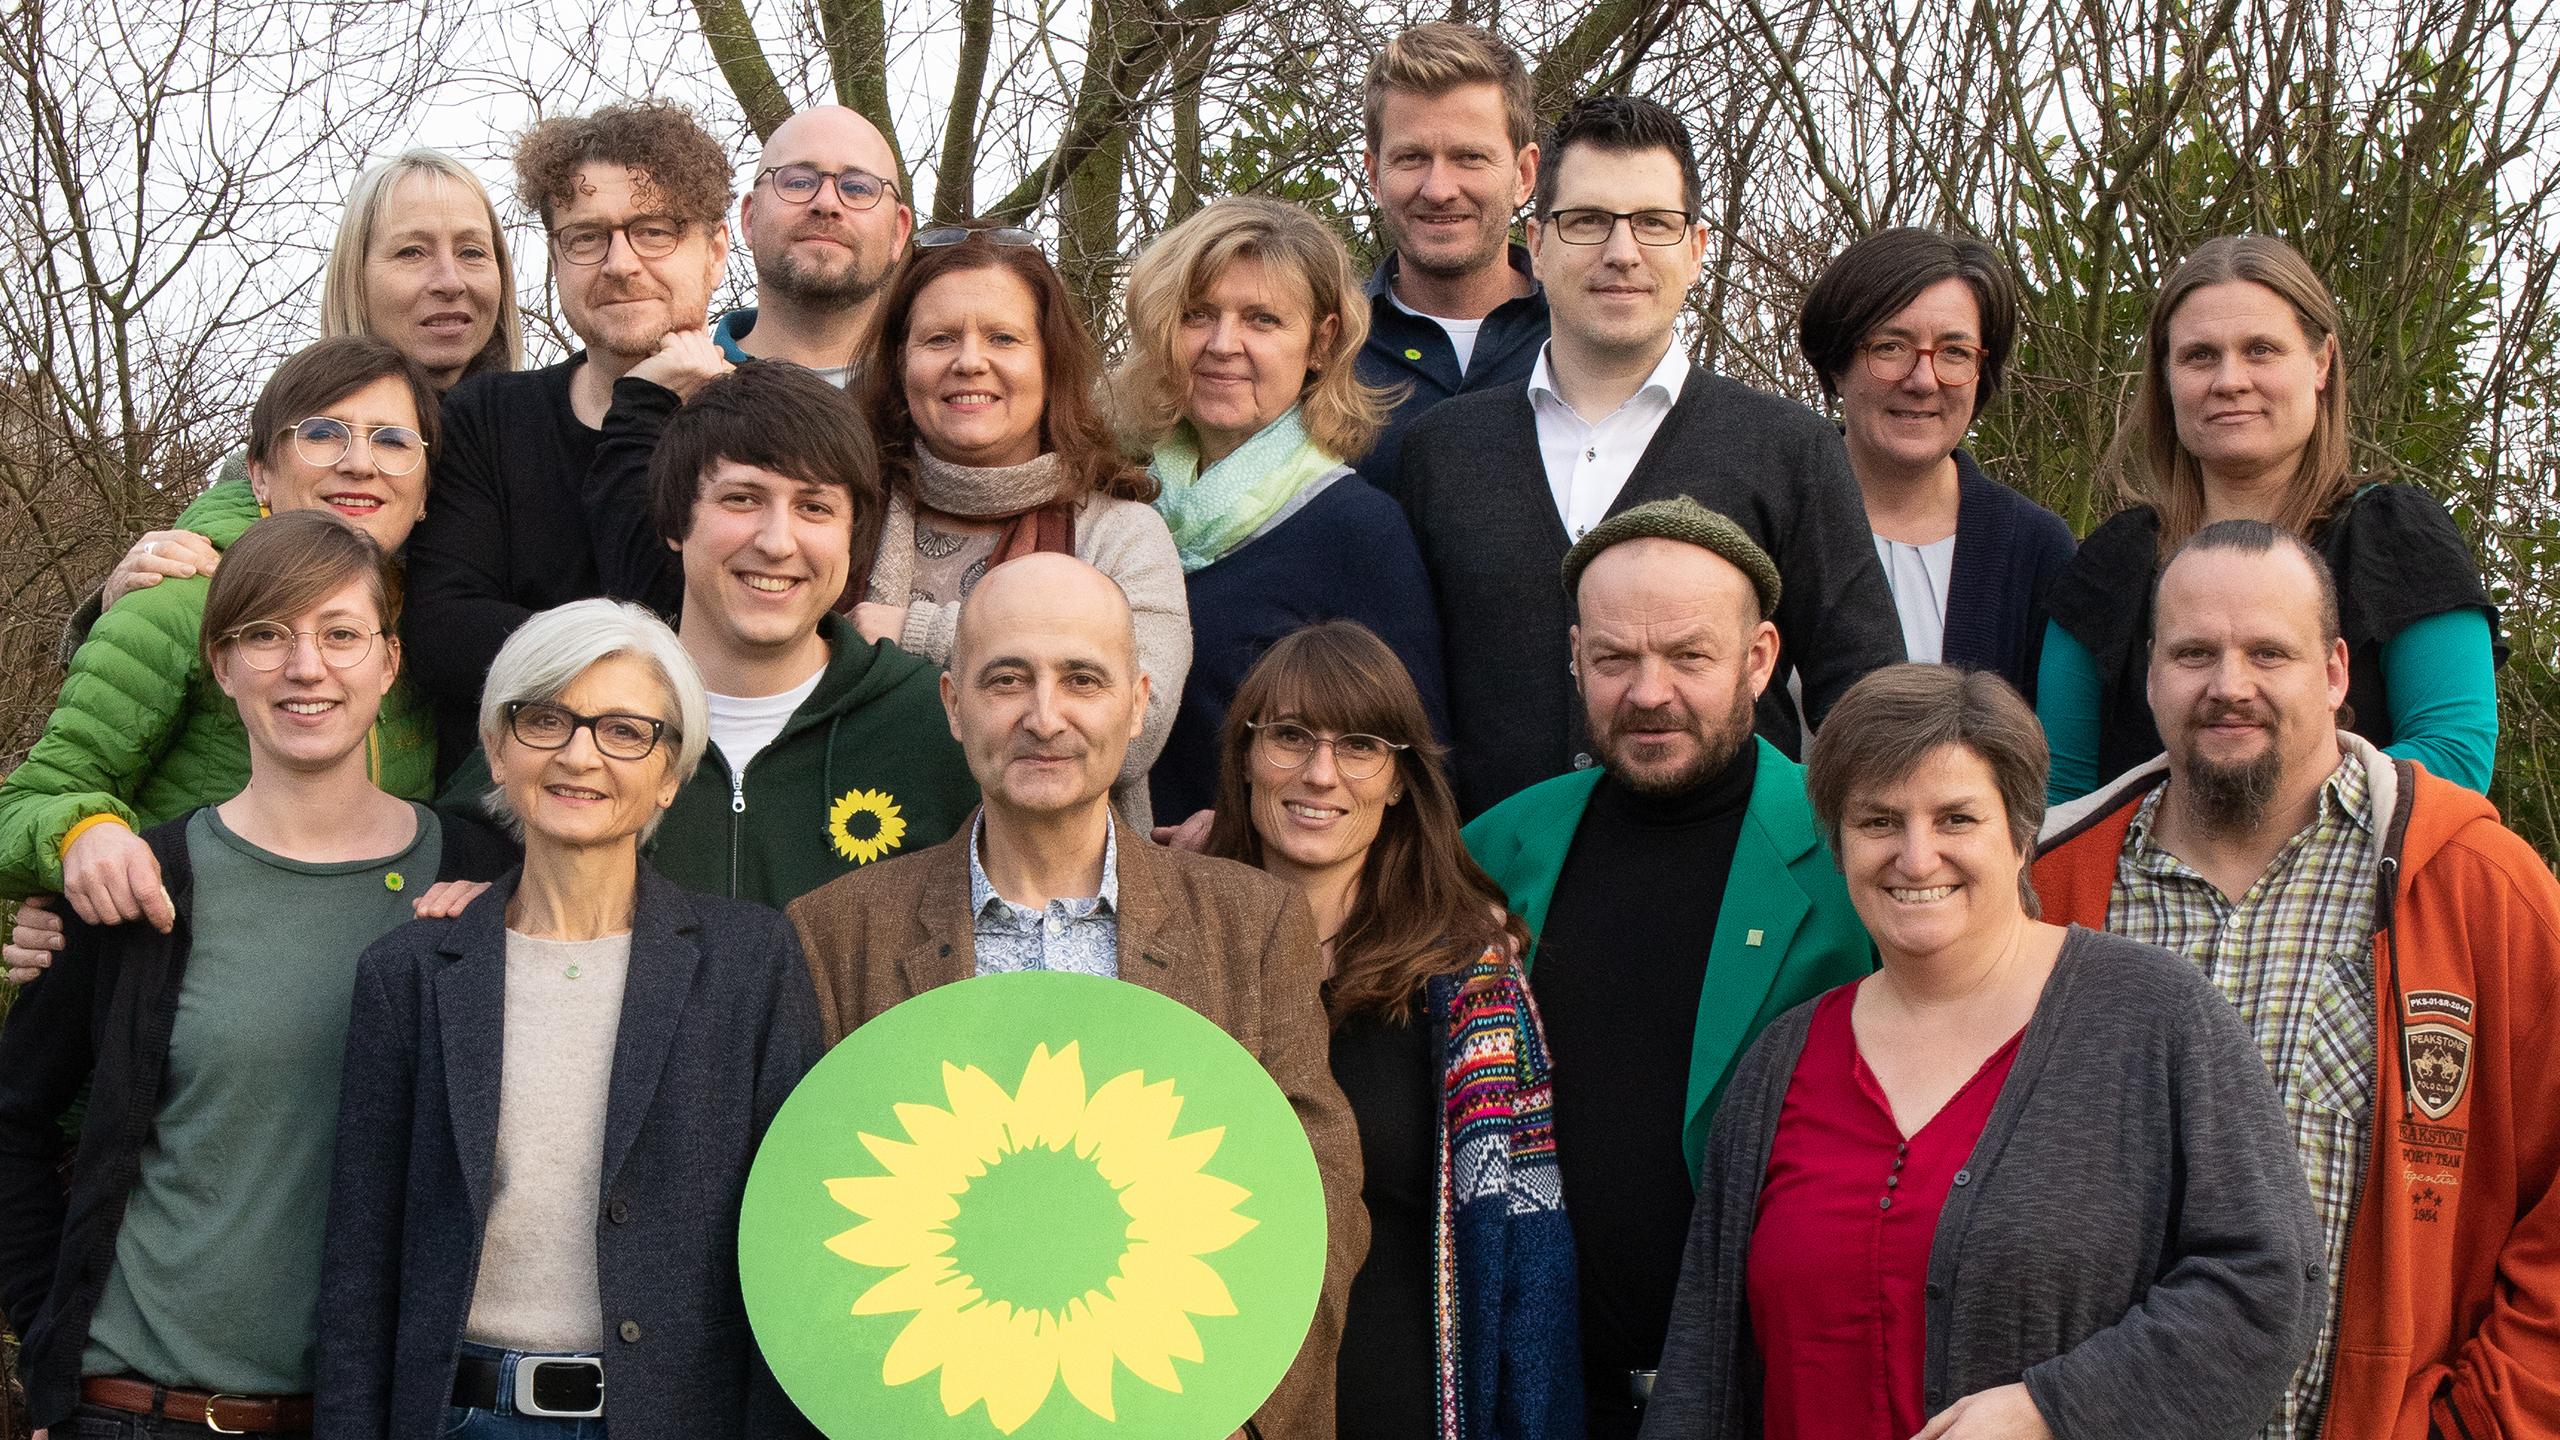 Kandidat*innen-Team für die Kommunalwahl 2020